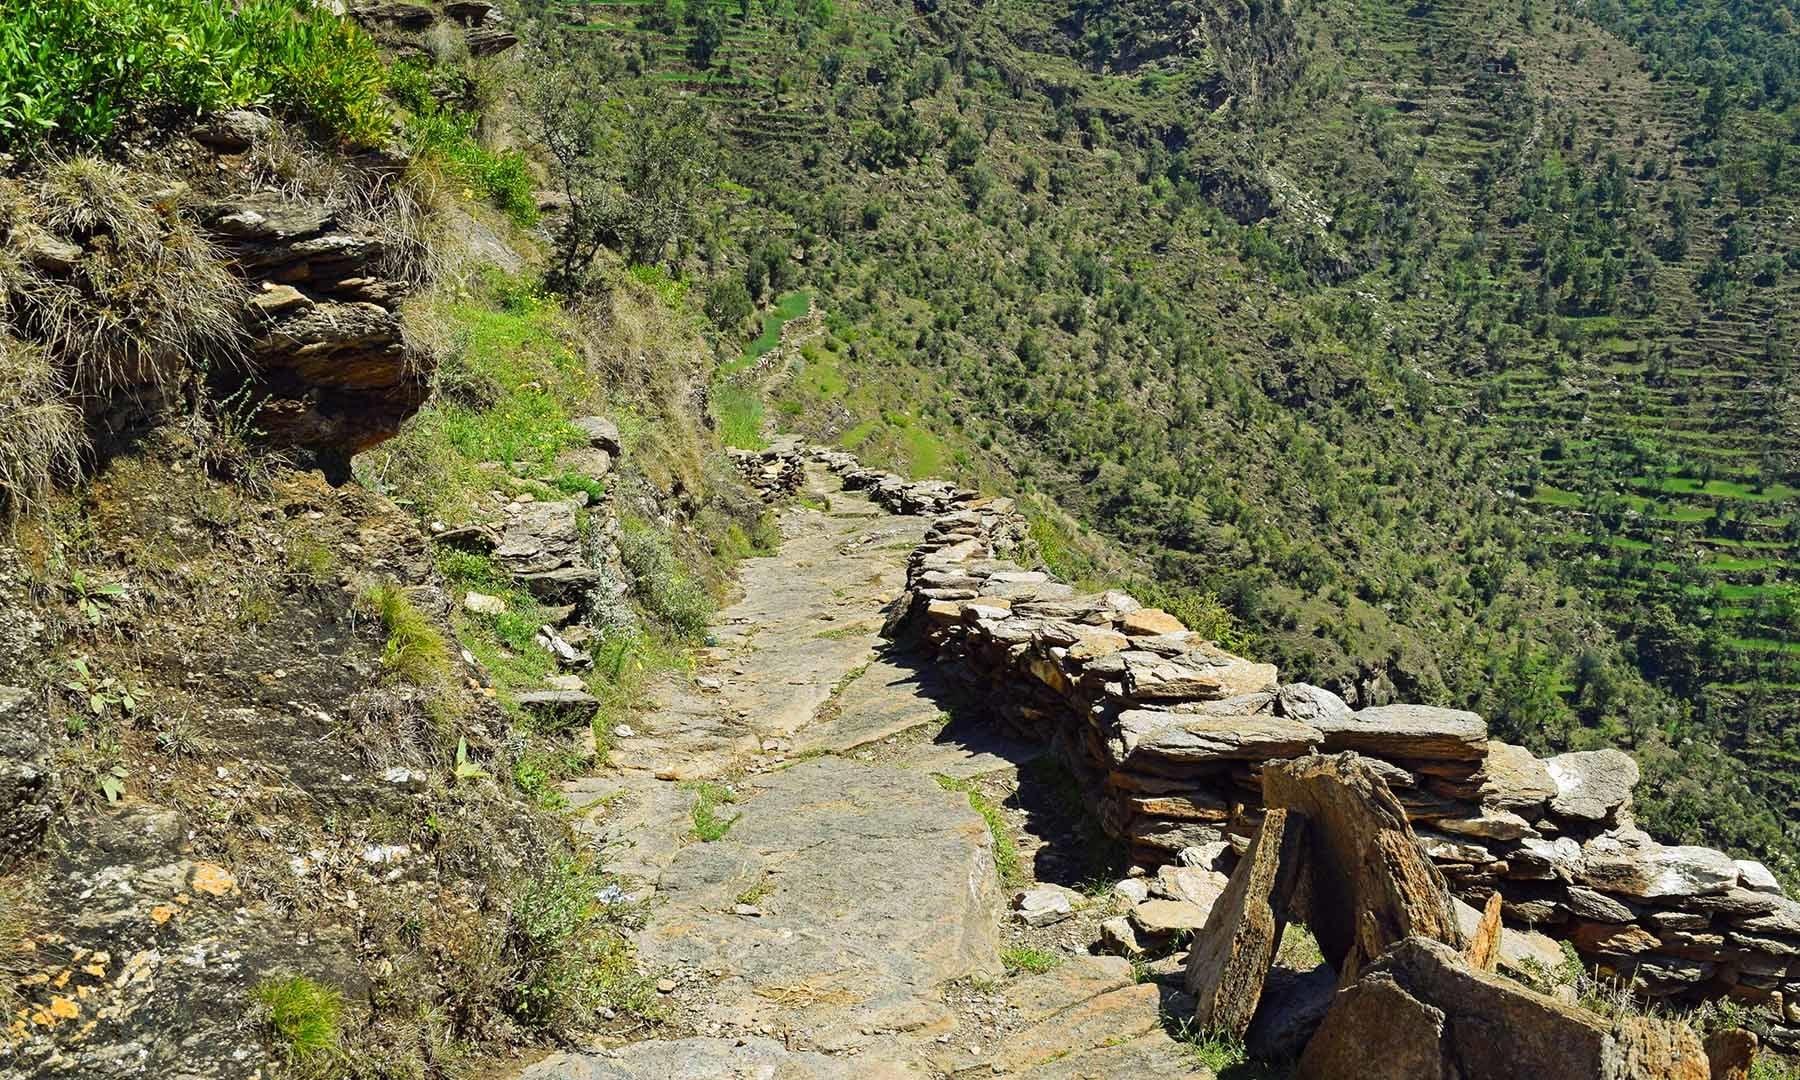 شنگرئی آبشار تک جانے والا راستہ جو ہائیکنگ کے لیے موزوں ہے۔— فوٹو امجد علی سحاب